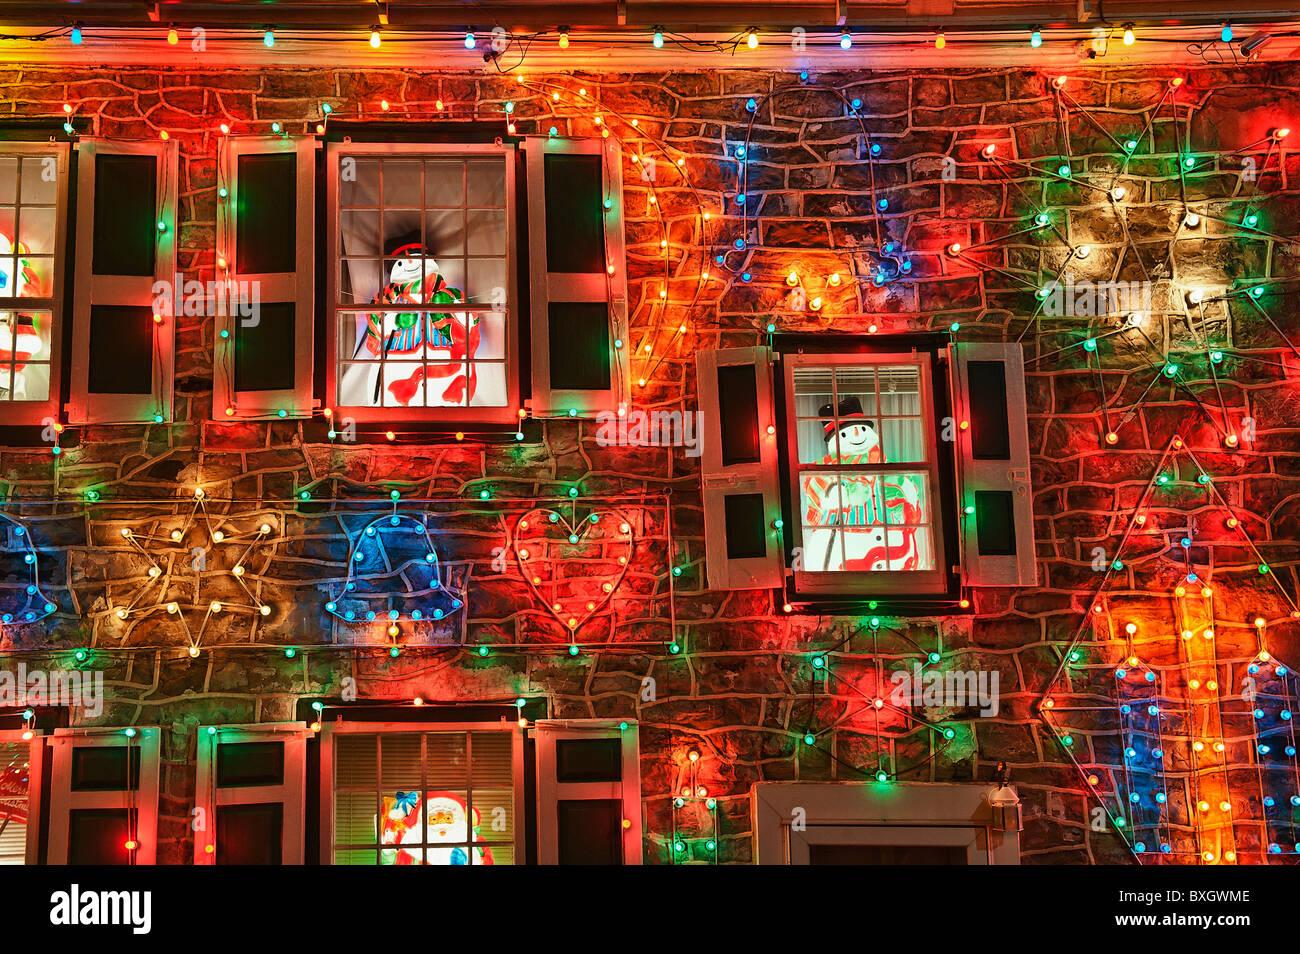 Casa decorada con luces de Navidad, Navidad koziar village, bernville, pa, Pennsylvania, EE.UU. Imagen De Stock